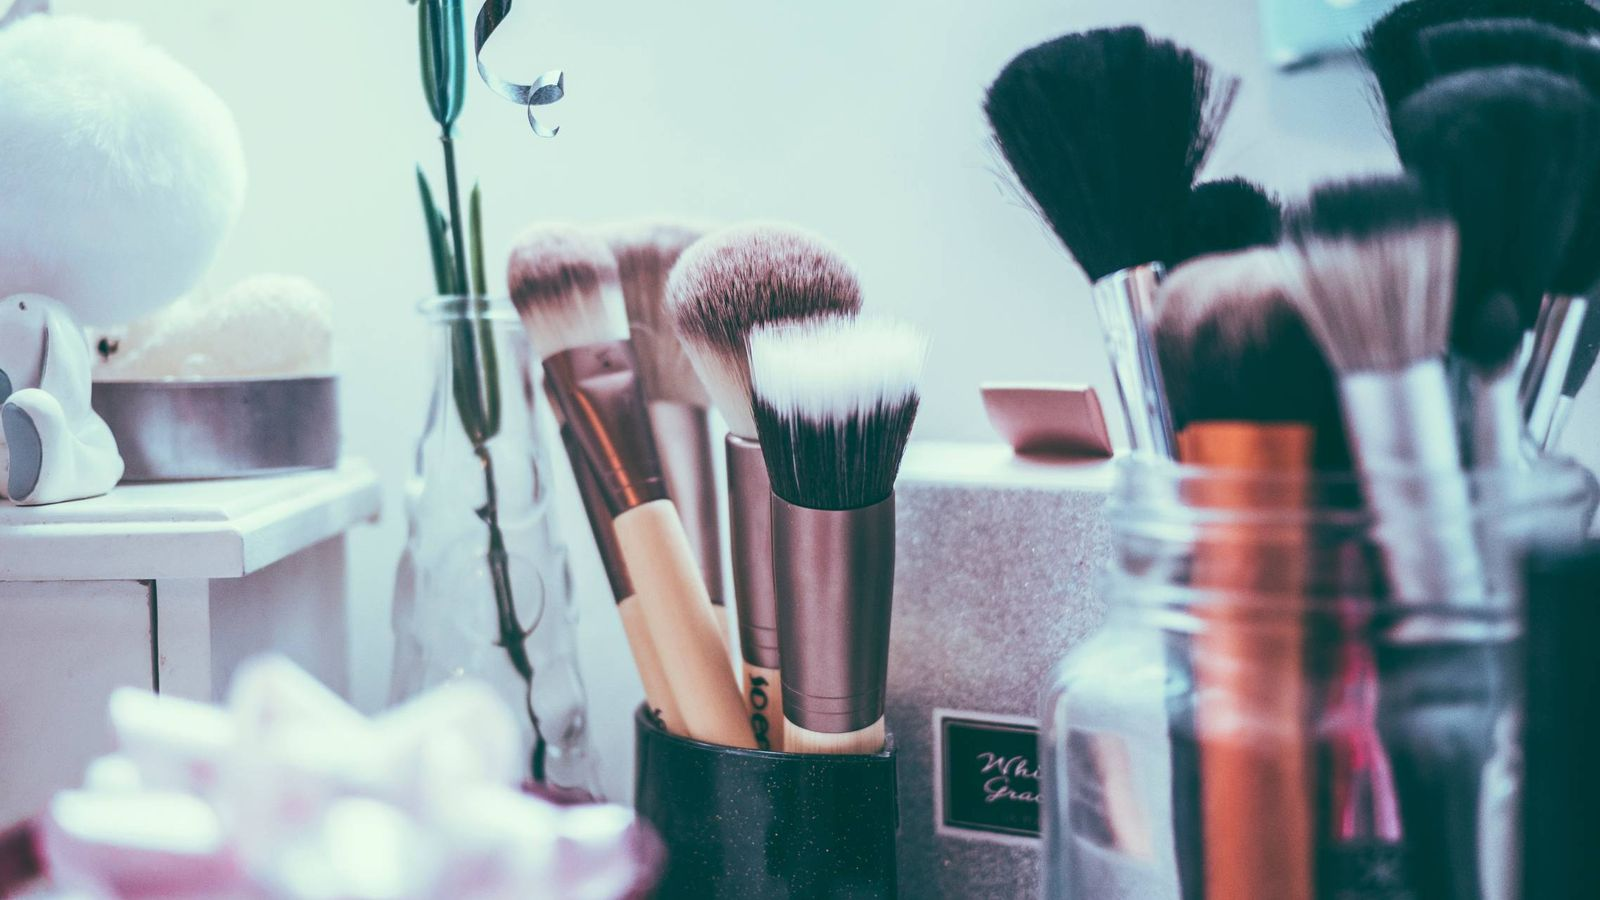 Foto: Averigua cuáles son los nuevos cosméticos. (Jamie Street para Unsplash)